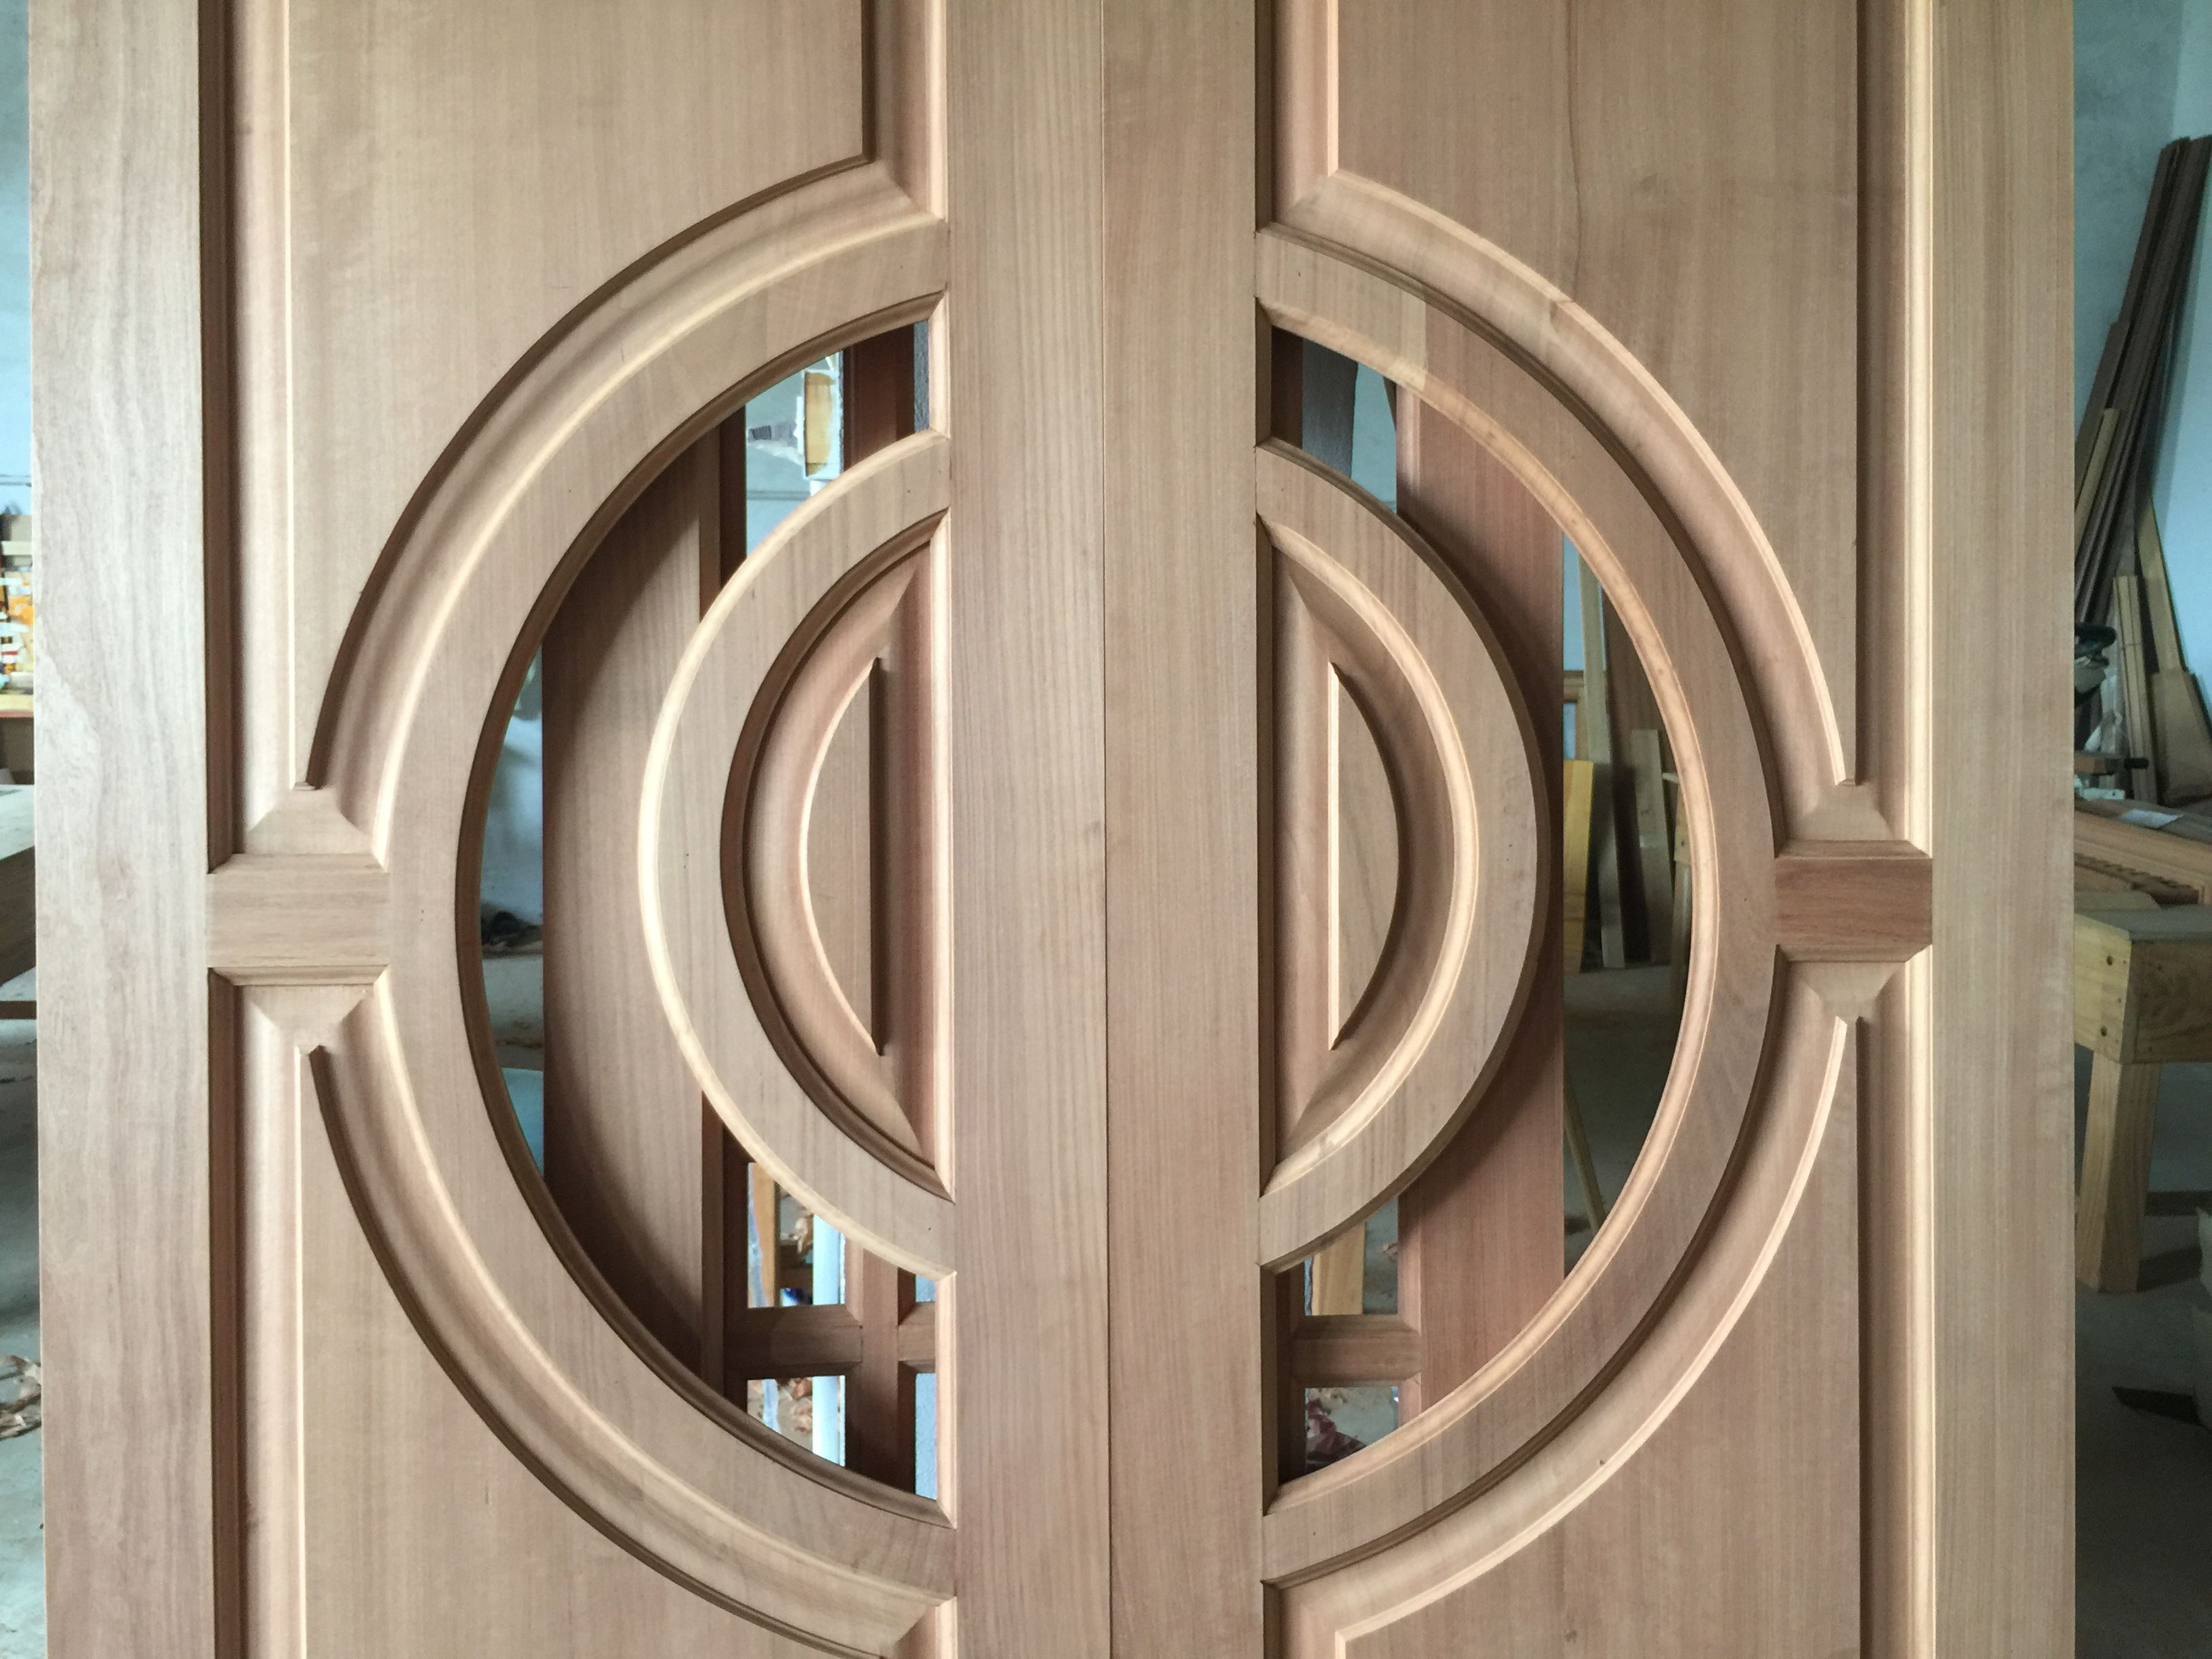 Pin By Mirza On My Jobs In 2019 Door Design Doors